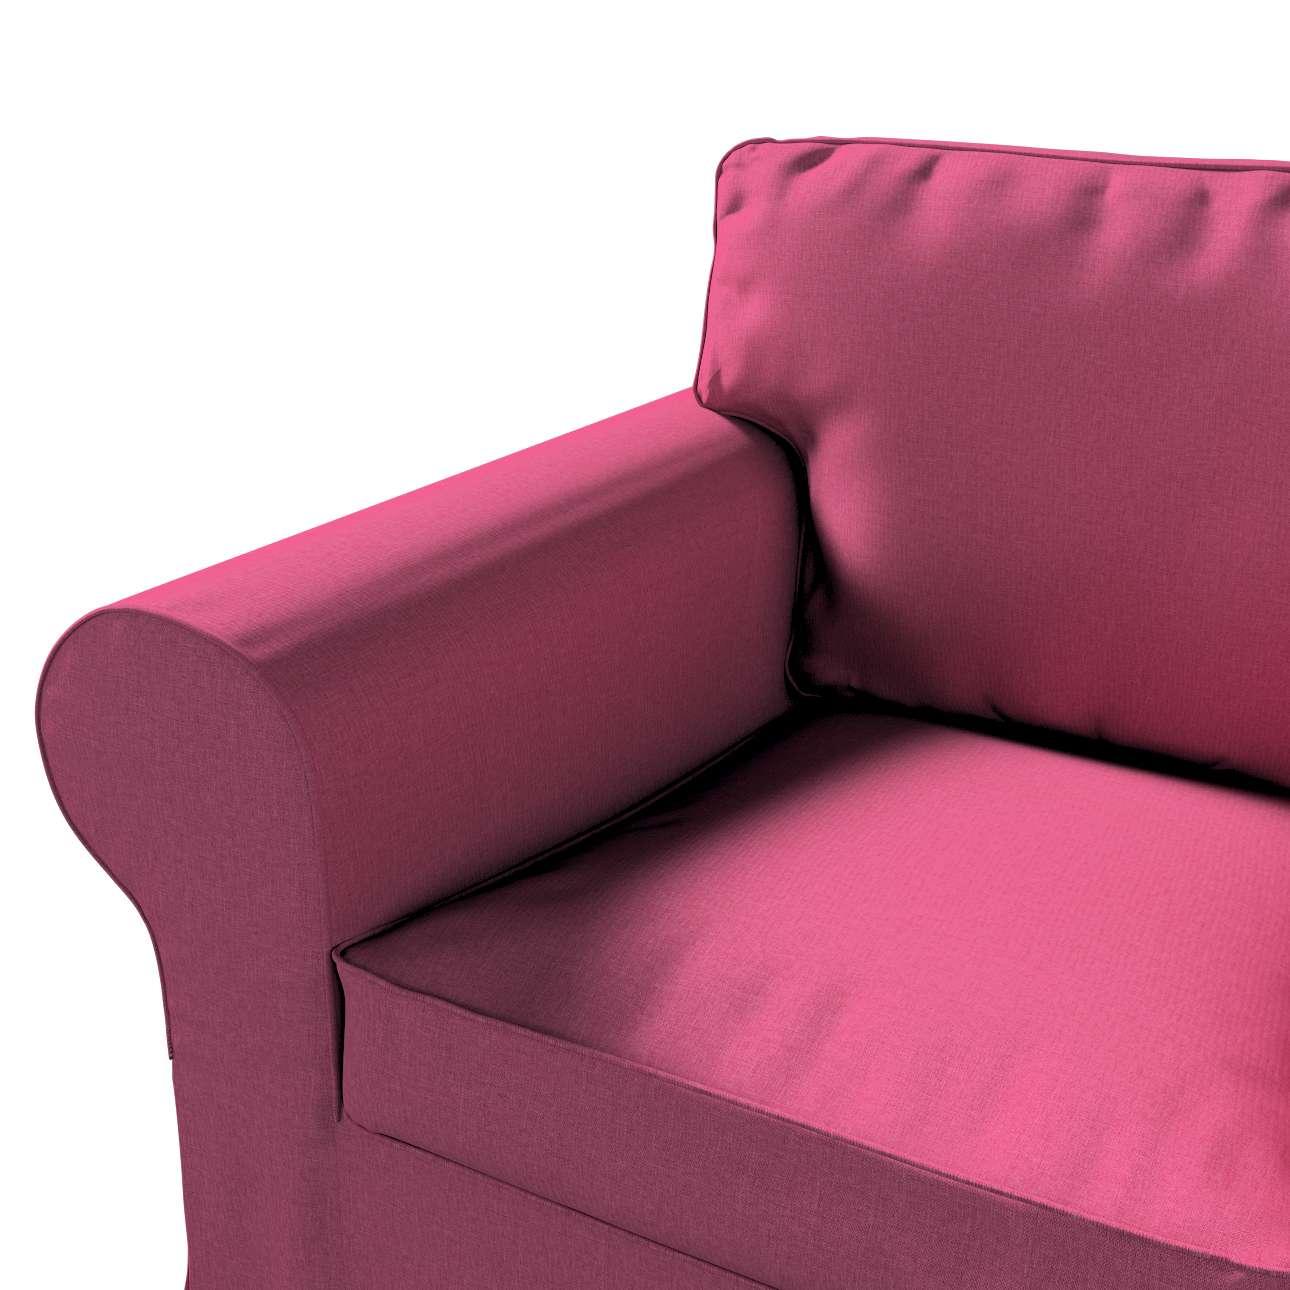 Pokrowiec na fotel Ektorp w kolekcji Living, tkanina: 160-44